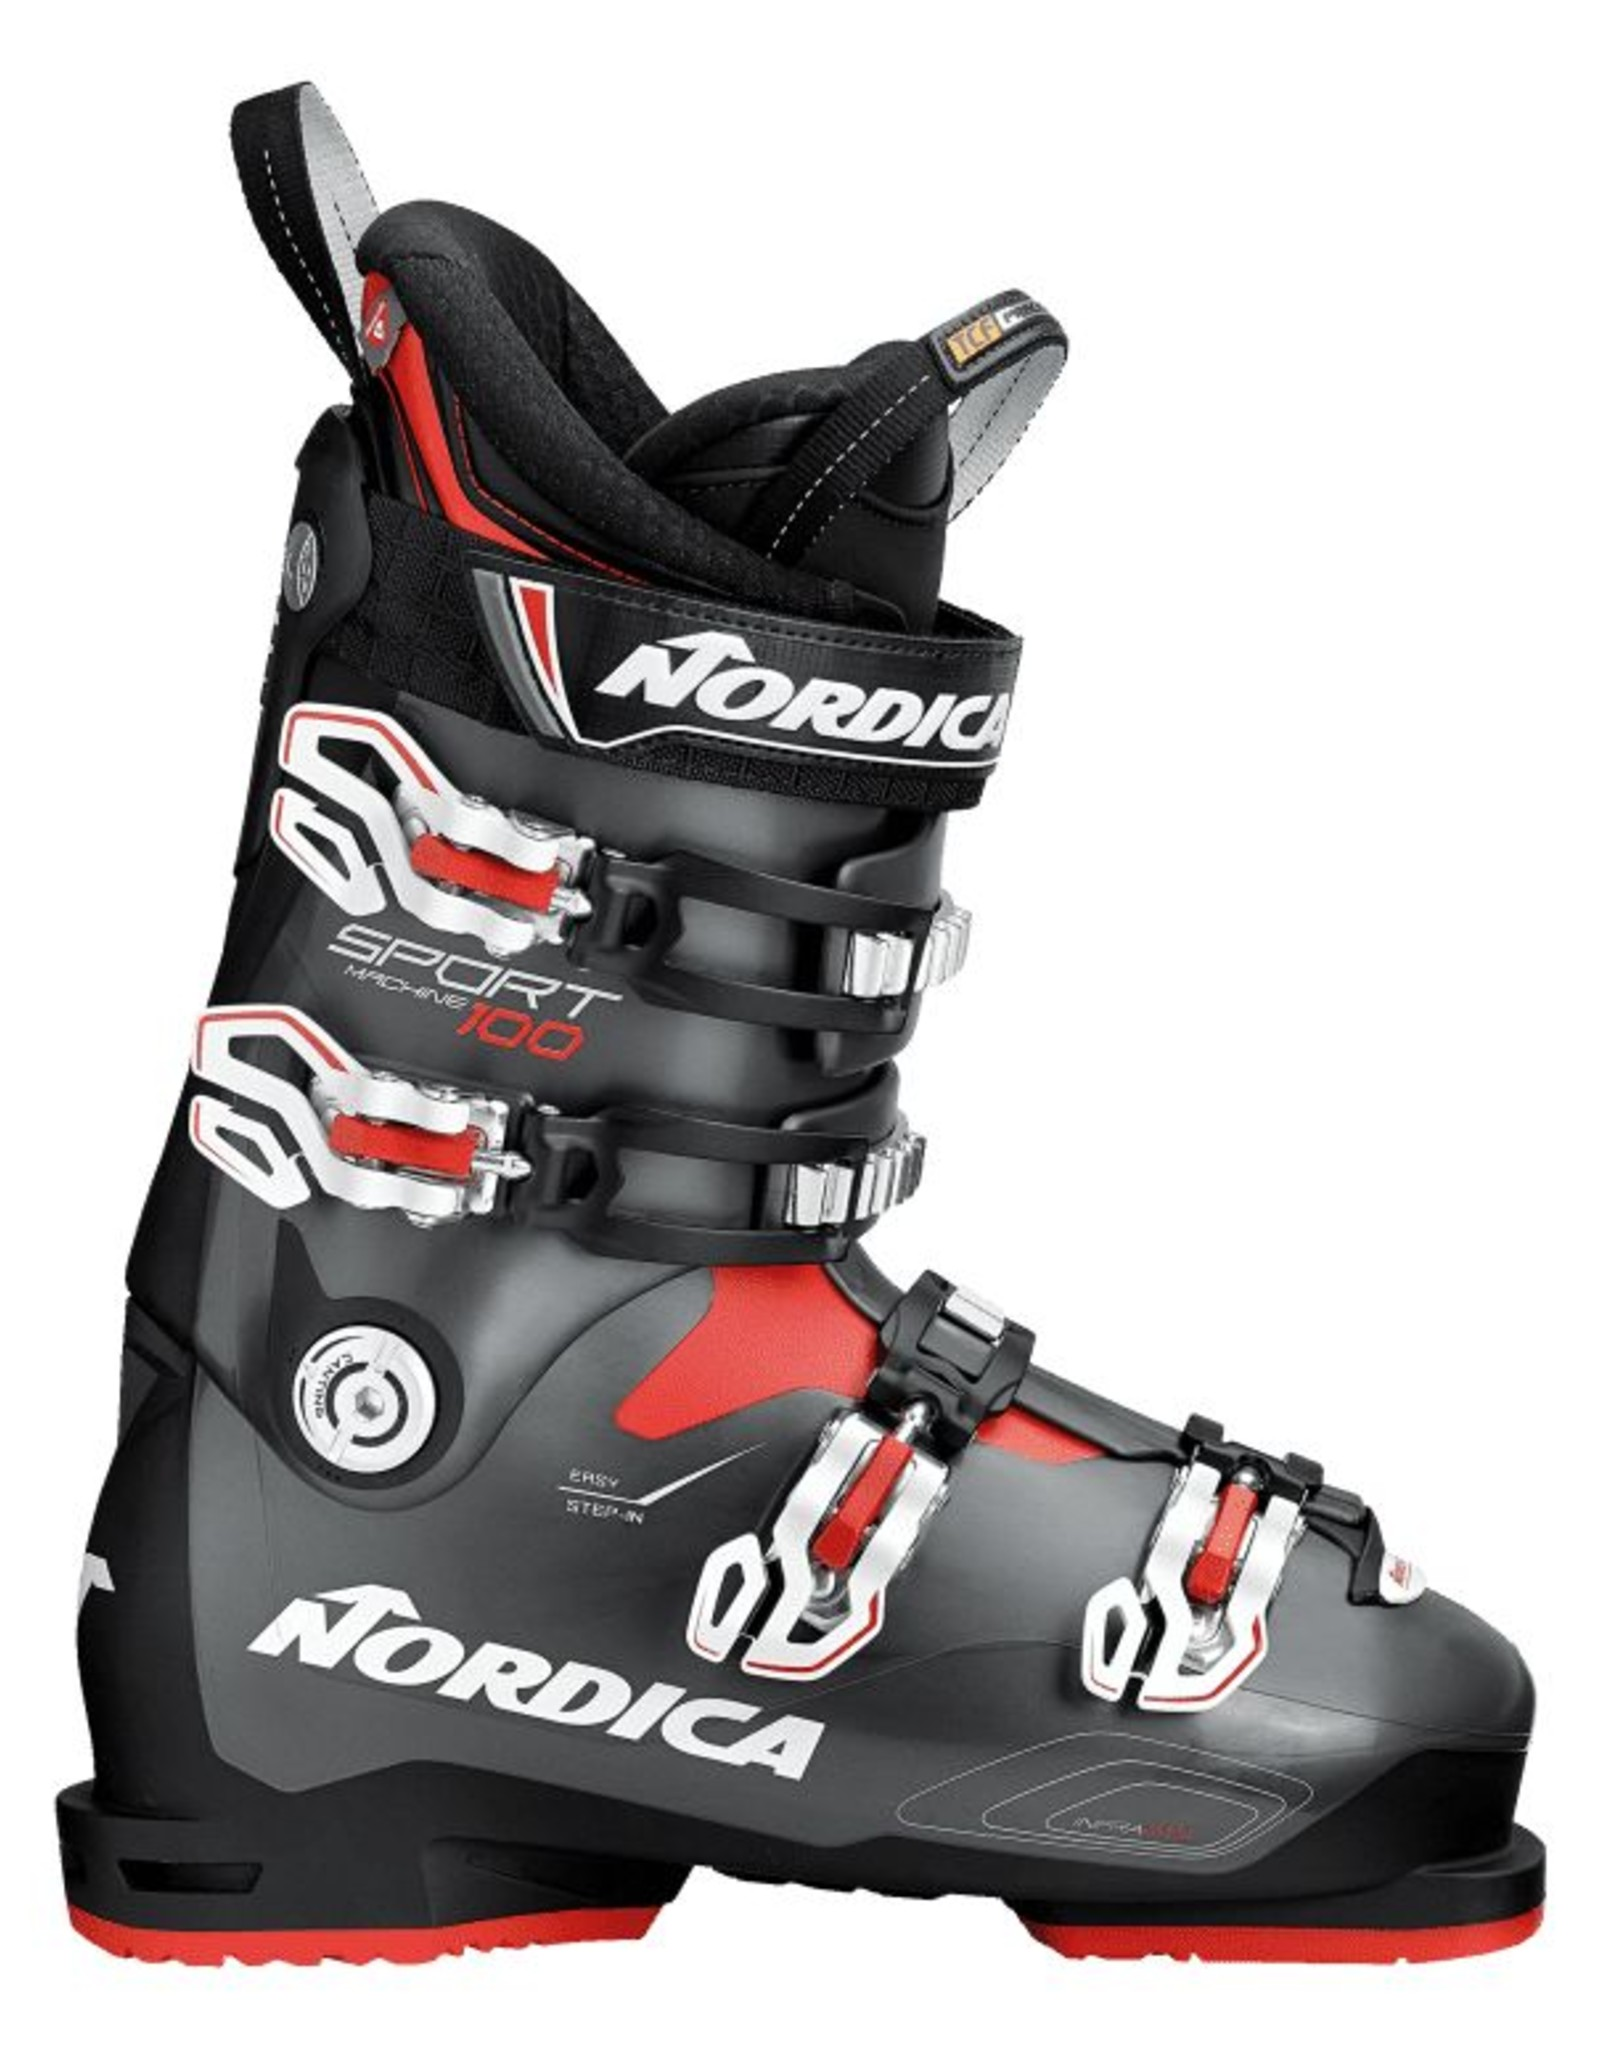 Nordica Nordica Sport Machine 100